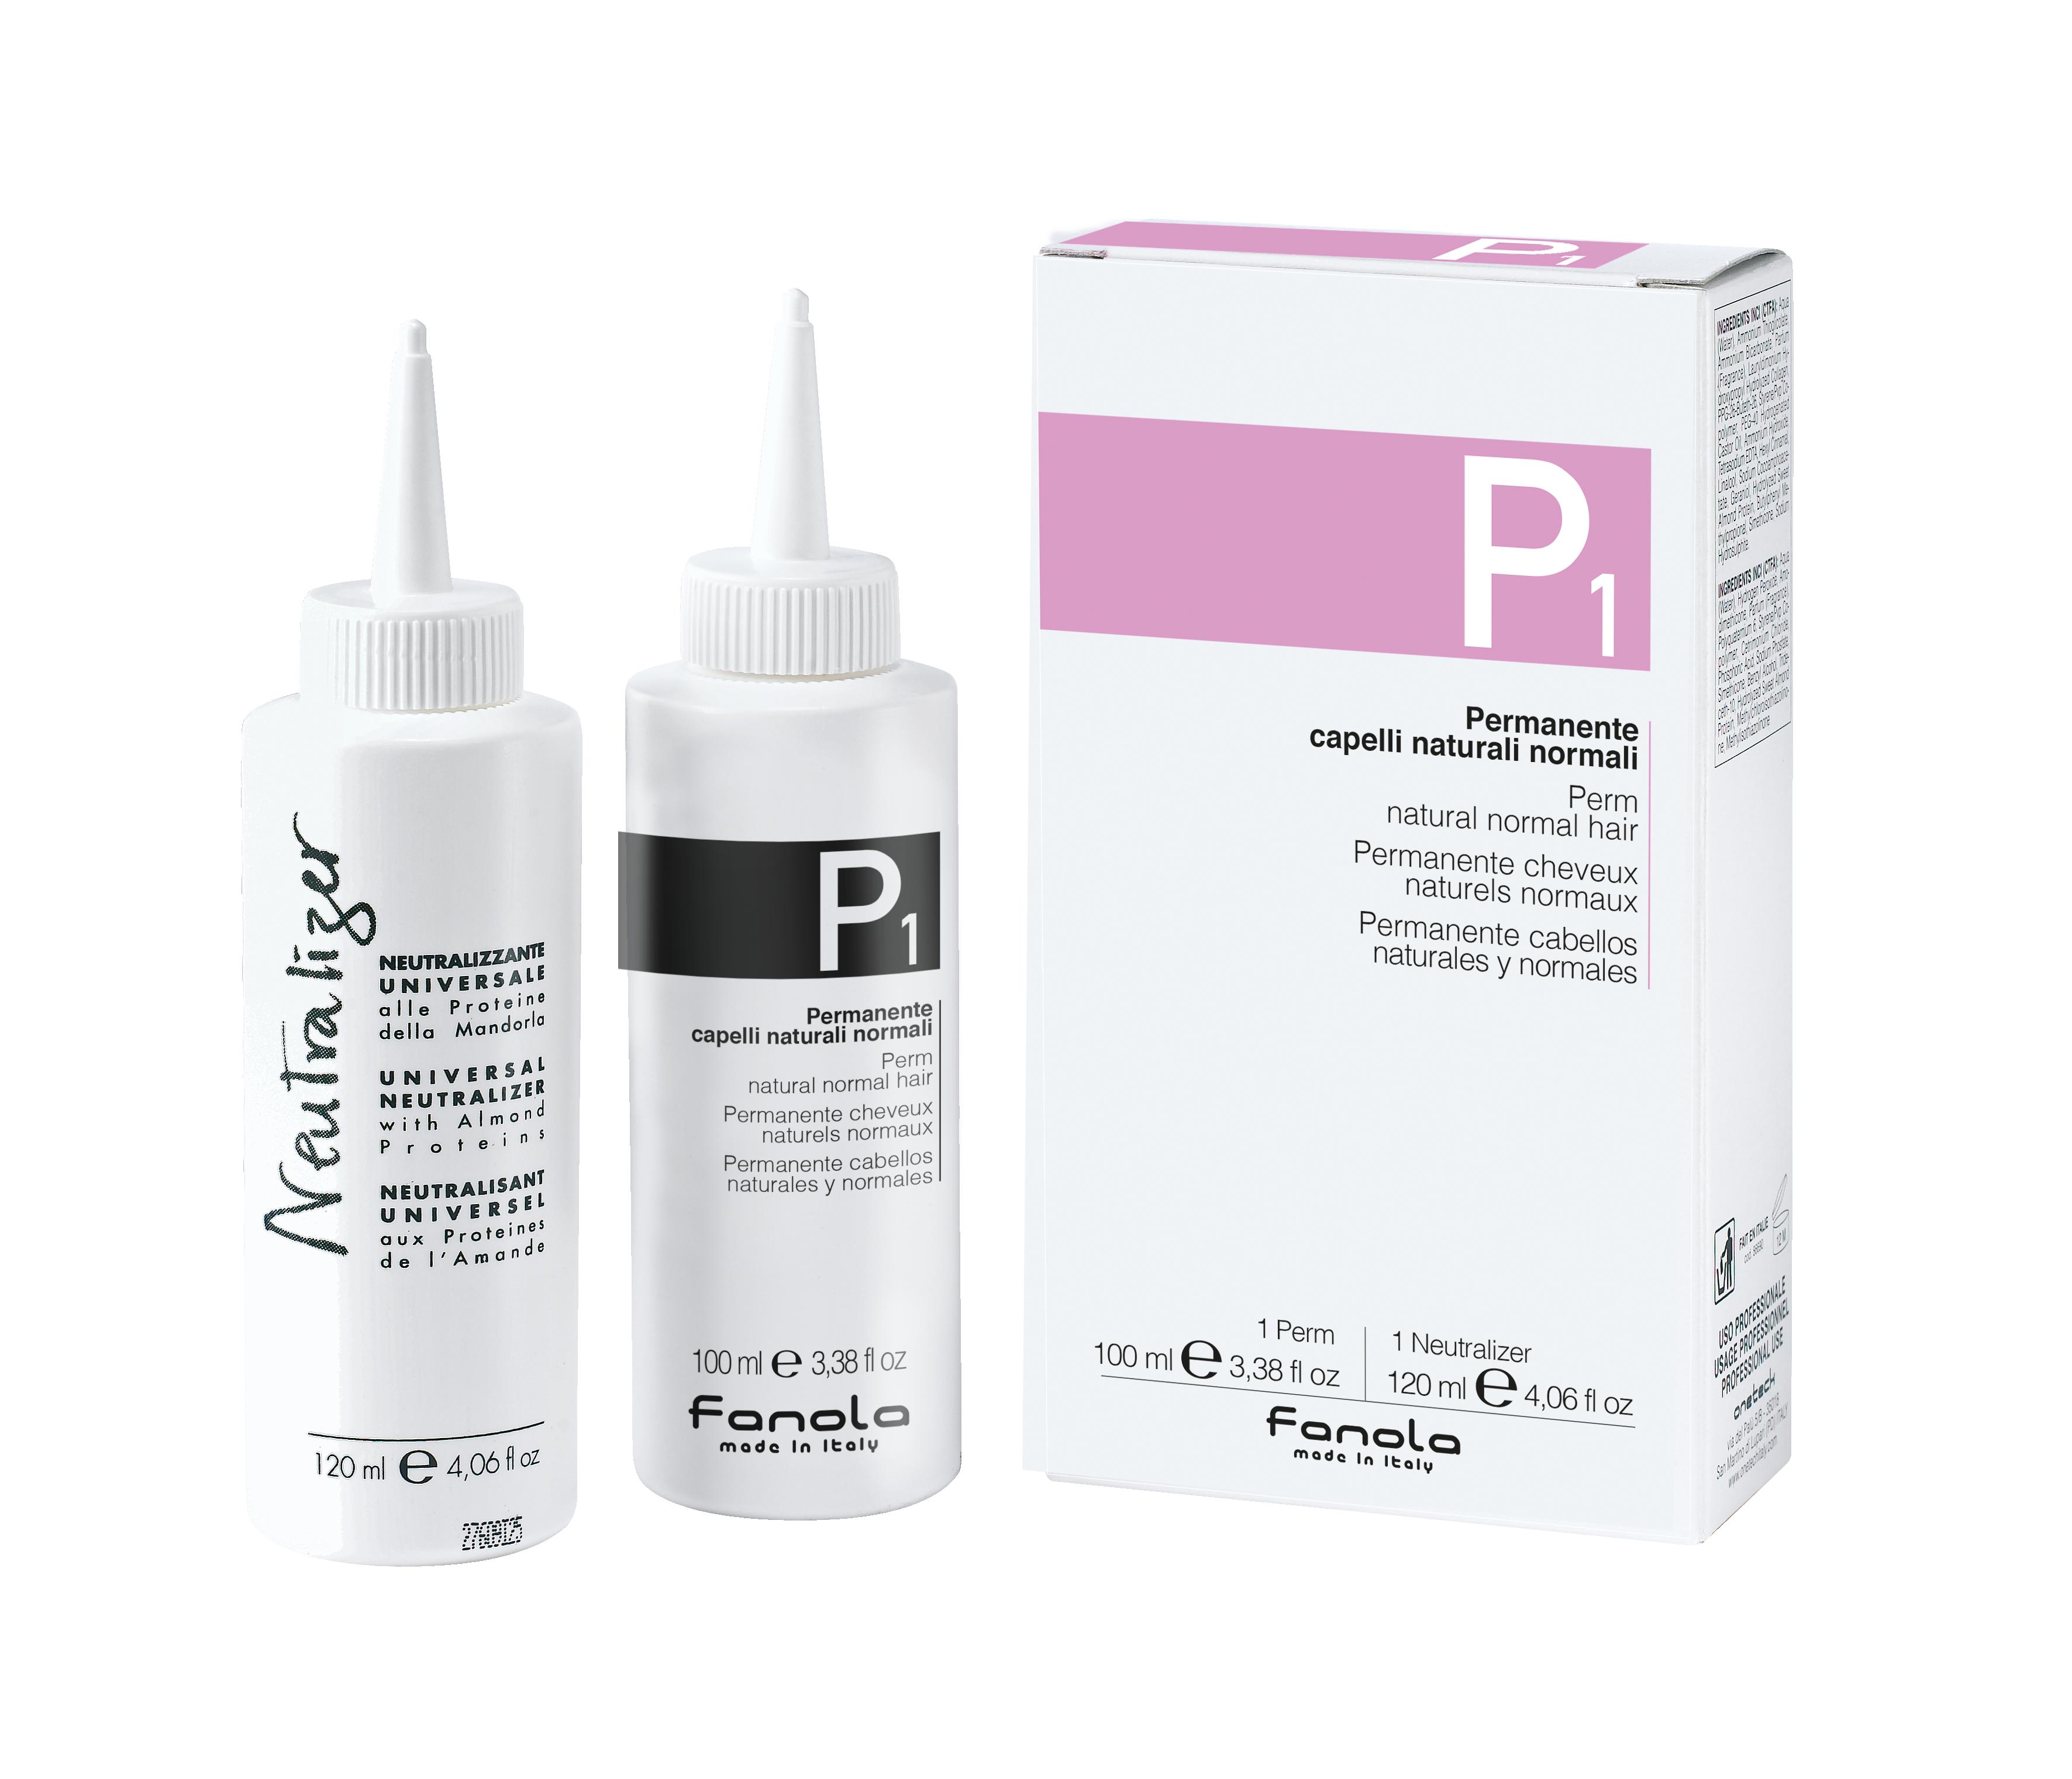 Fanola PERM P 1 Kit- trvalá ondulácia na normálne vlasy, 100 ml + neutralizér, 120 ml